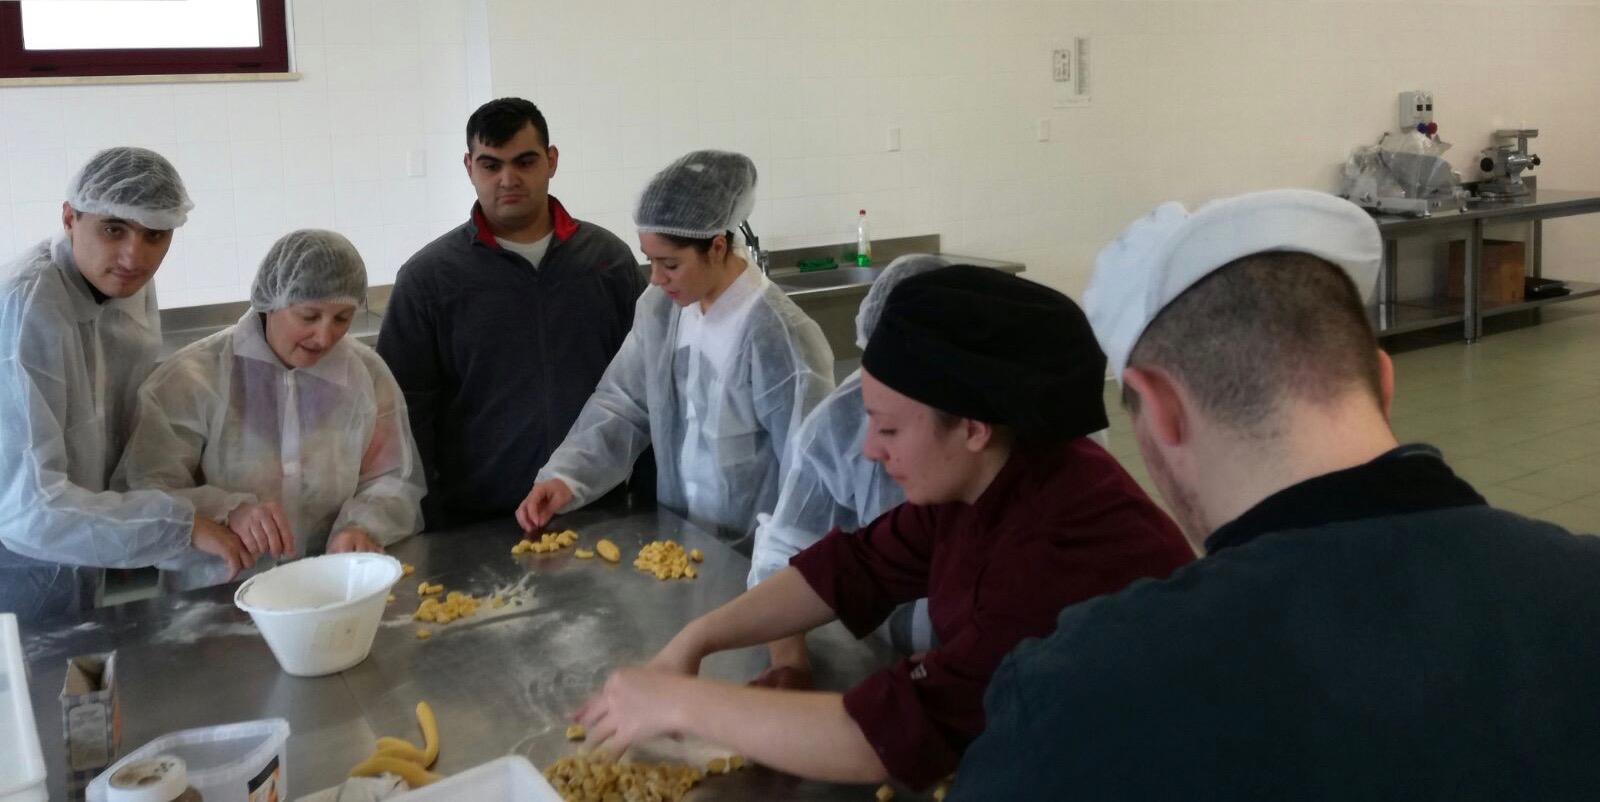 Alberghiero di Vinchiaturo e Centro 'Il Granello di Senape' insieme per un laboratorio di cucina speciale